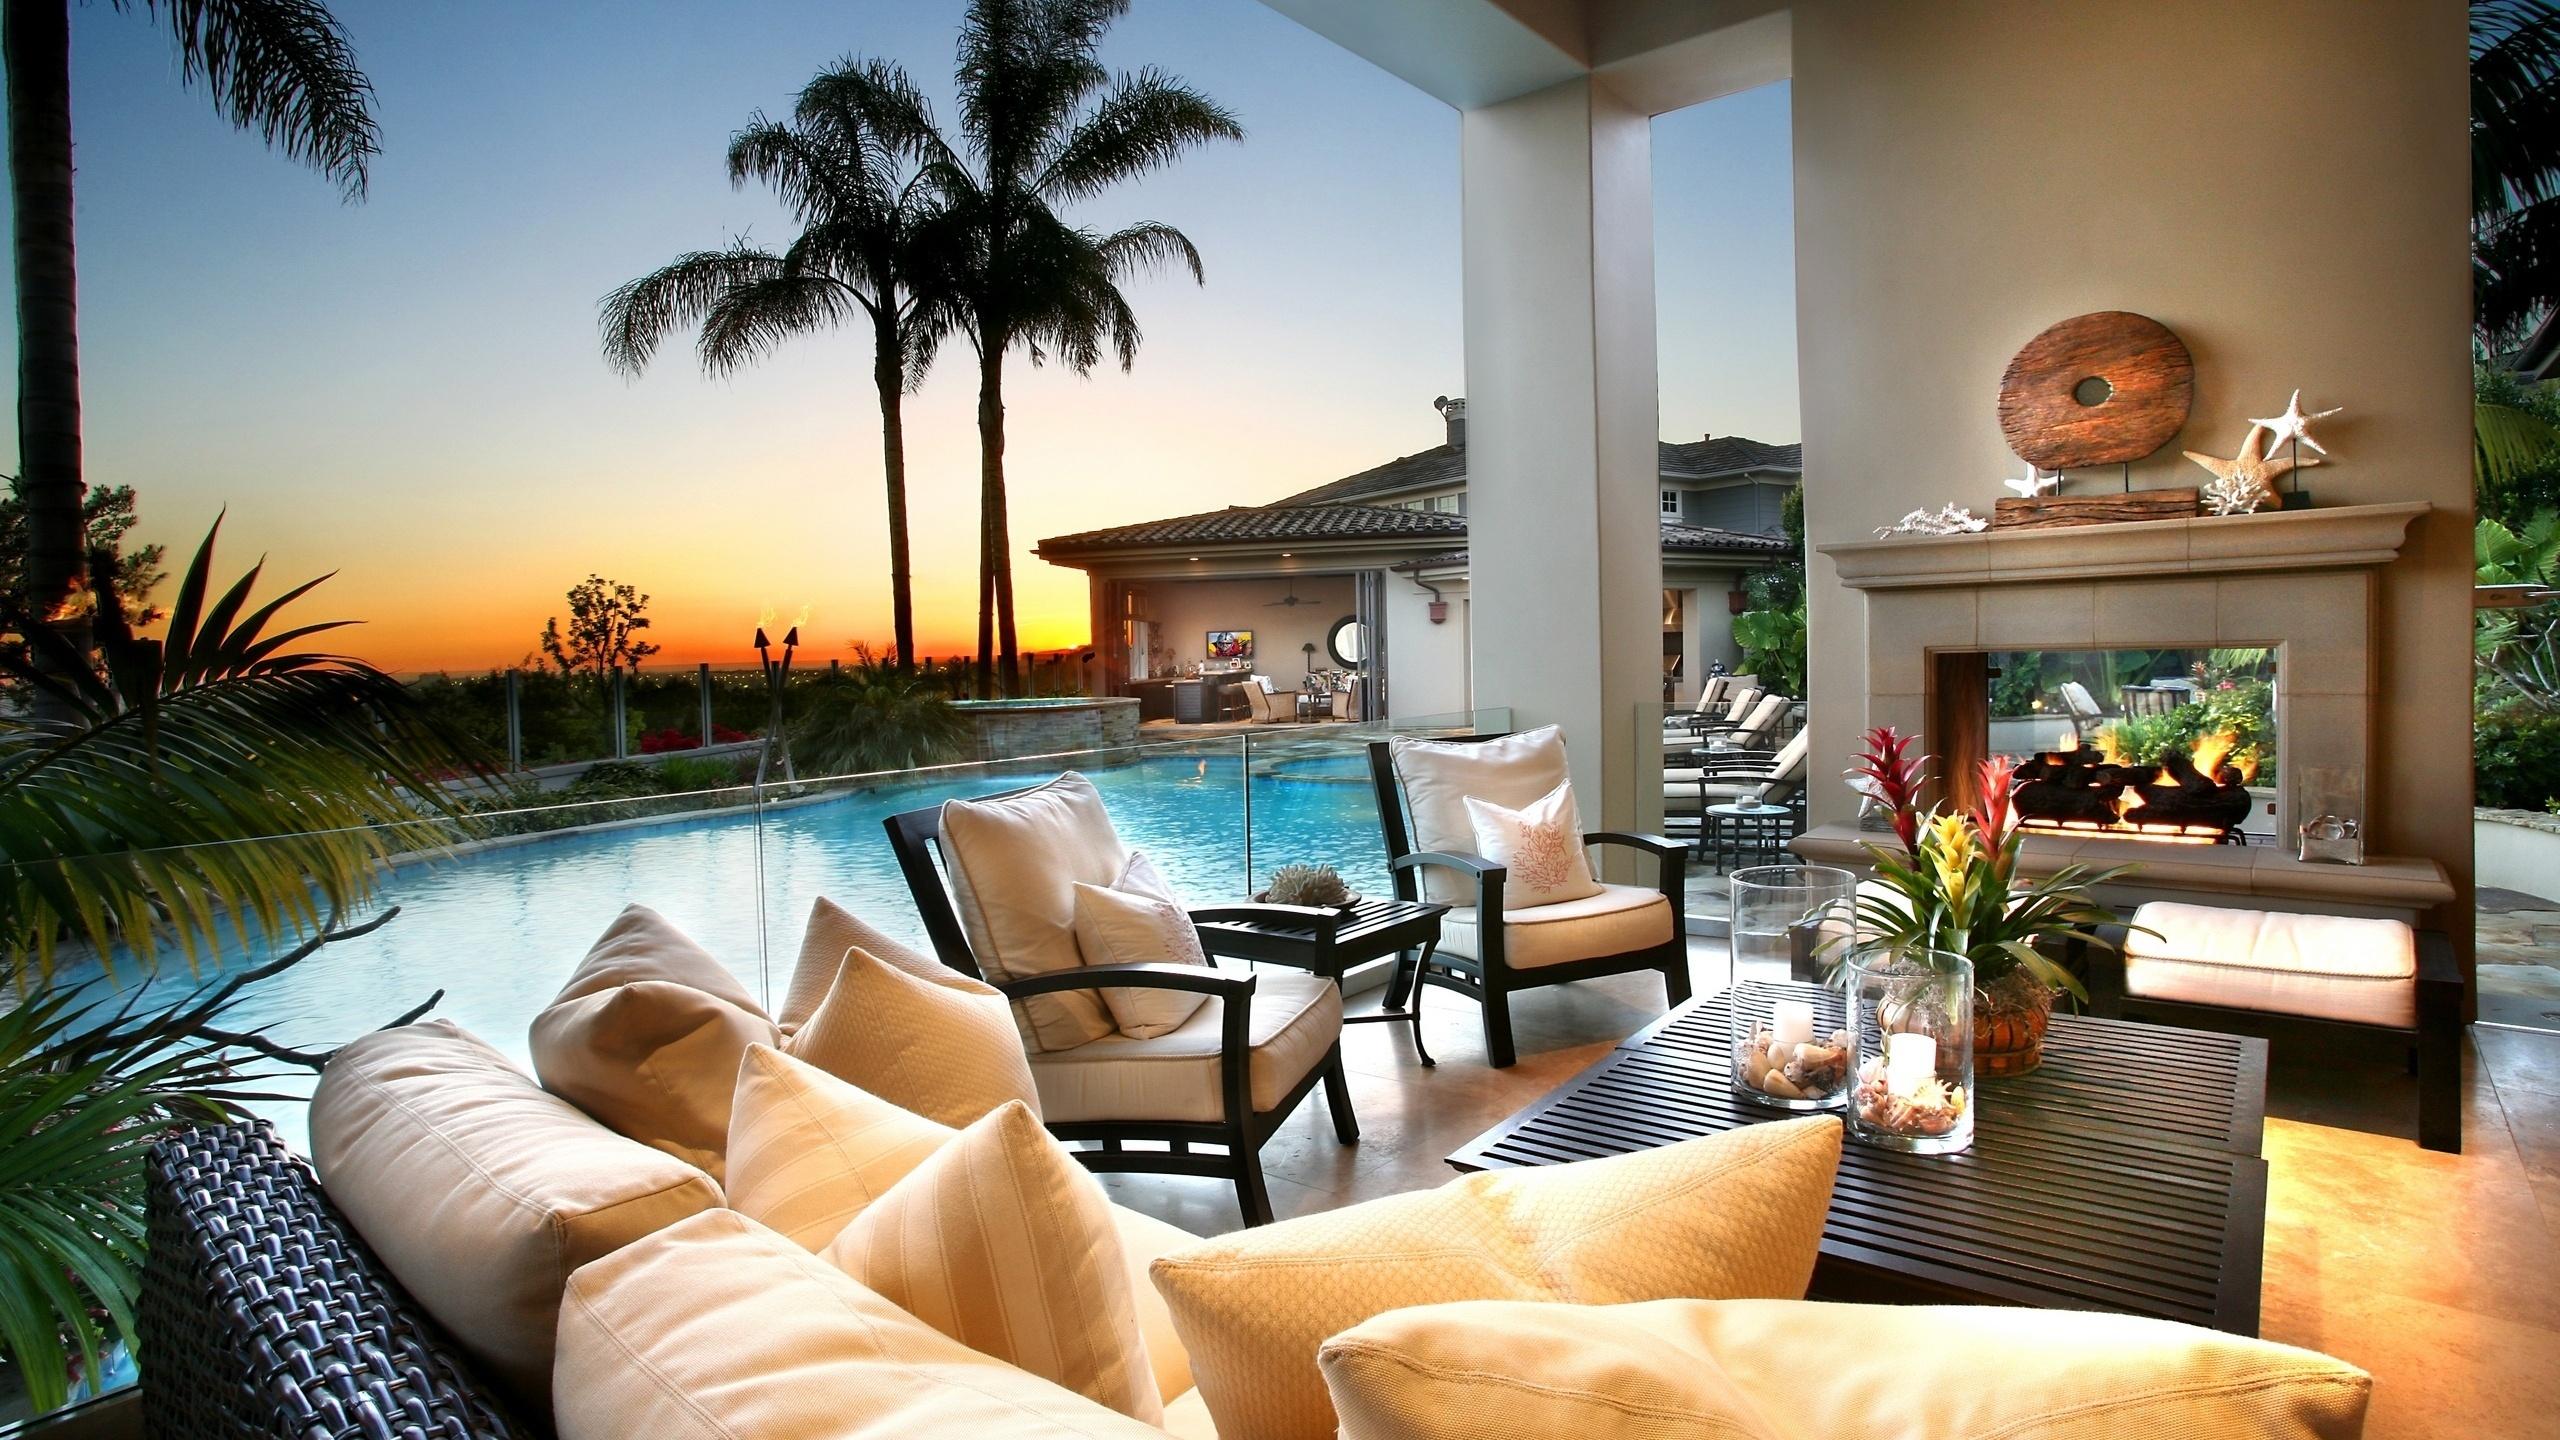 Скачать обои интерьер, пальмы, бассейн, тропики, фазенда раз.